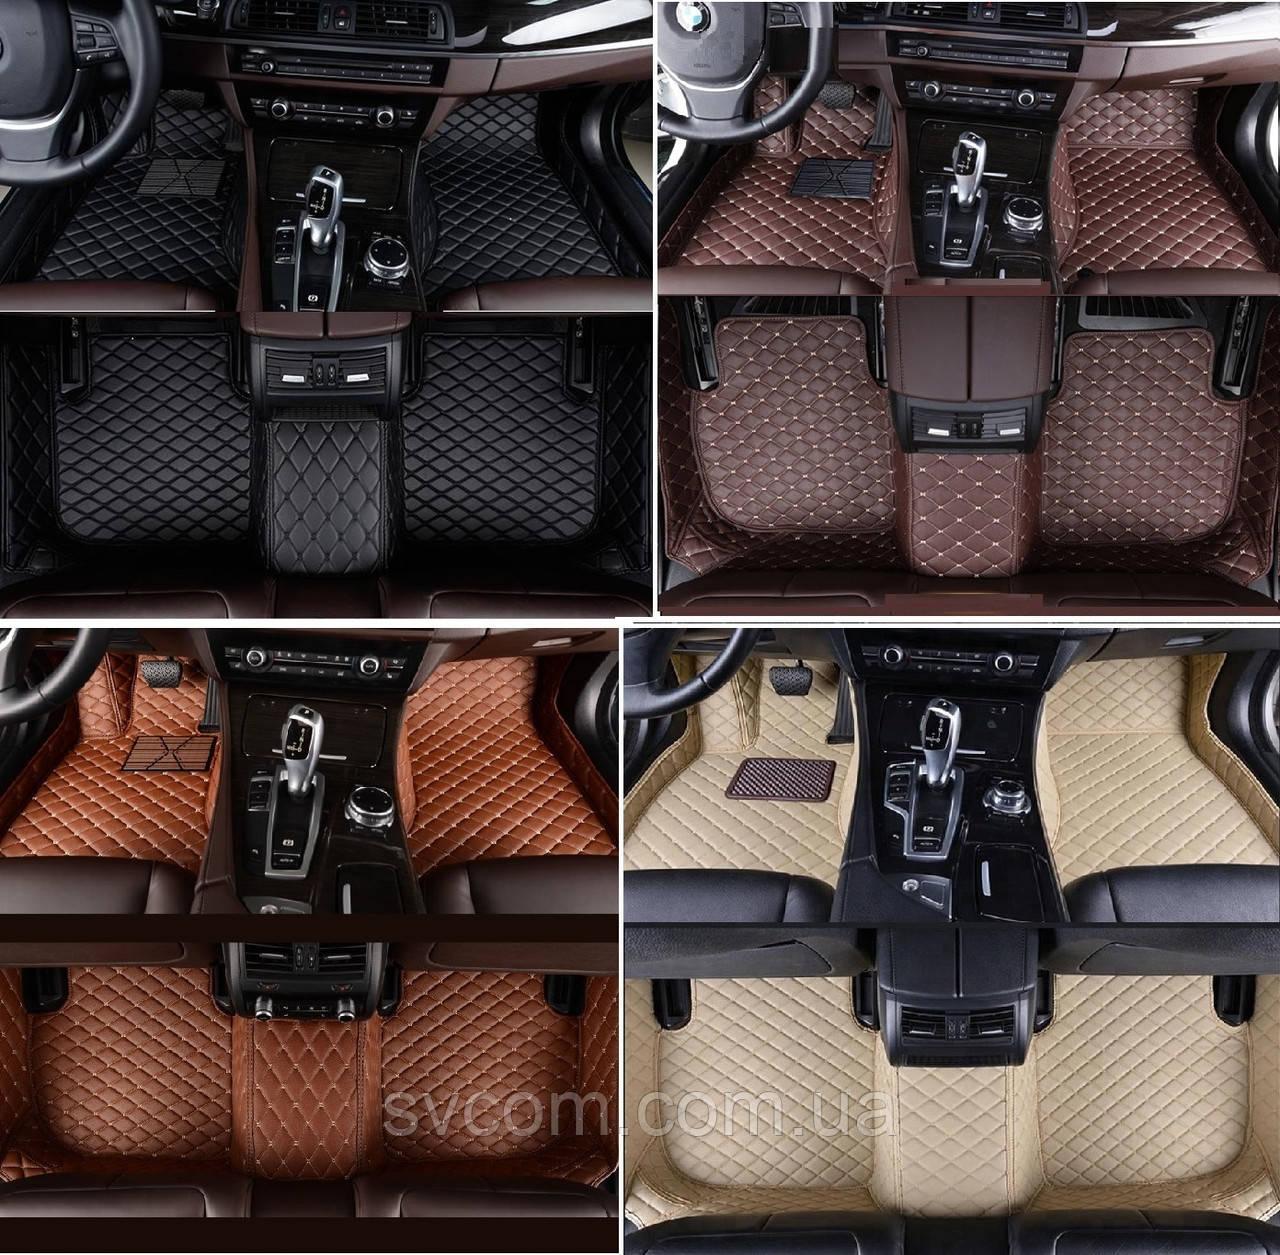 Кожаные Коврики Range Rover Sport (2014+) из Экокожи 3D  Коврики Рендж Ровер Спорт